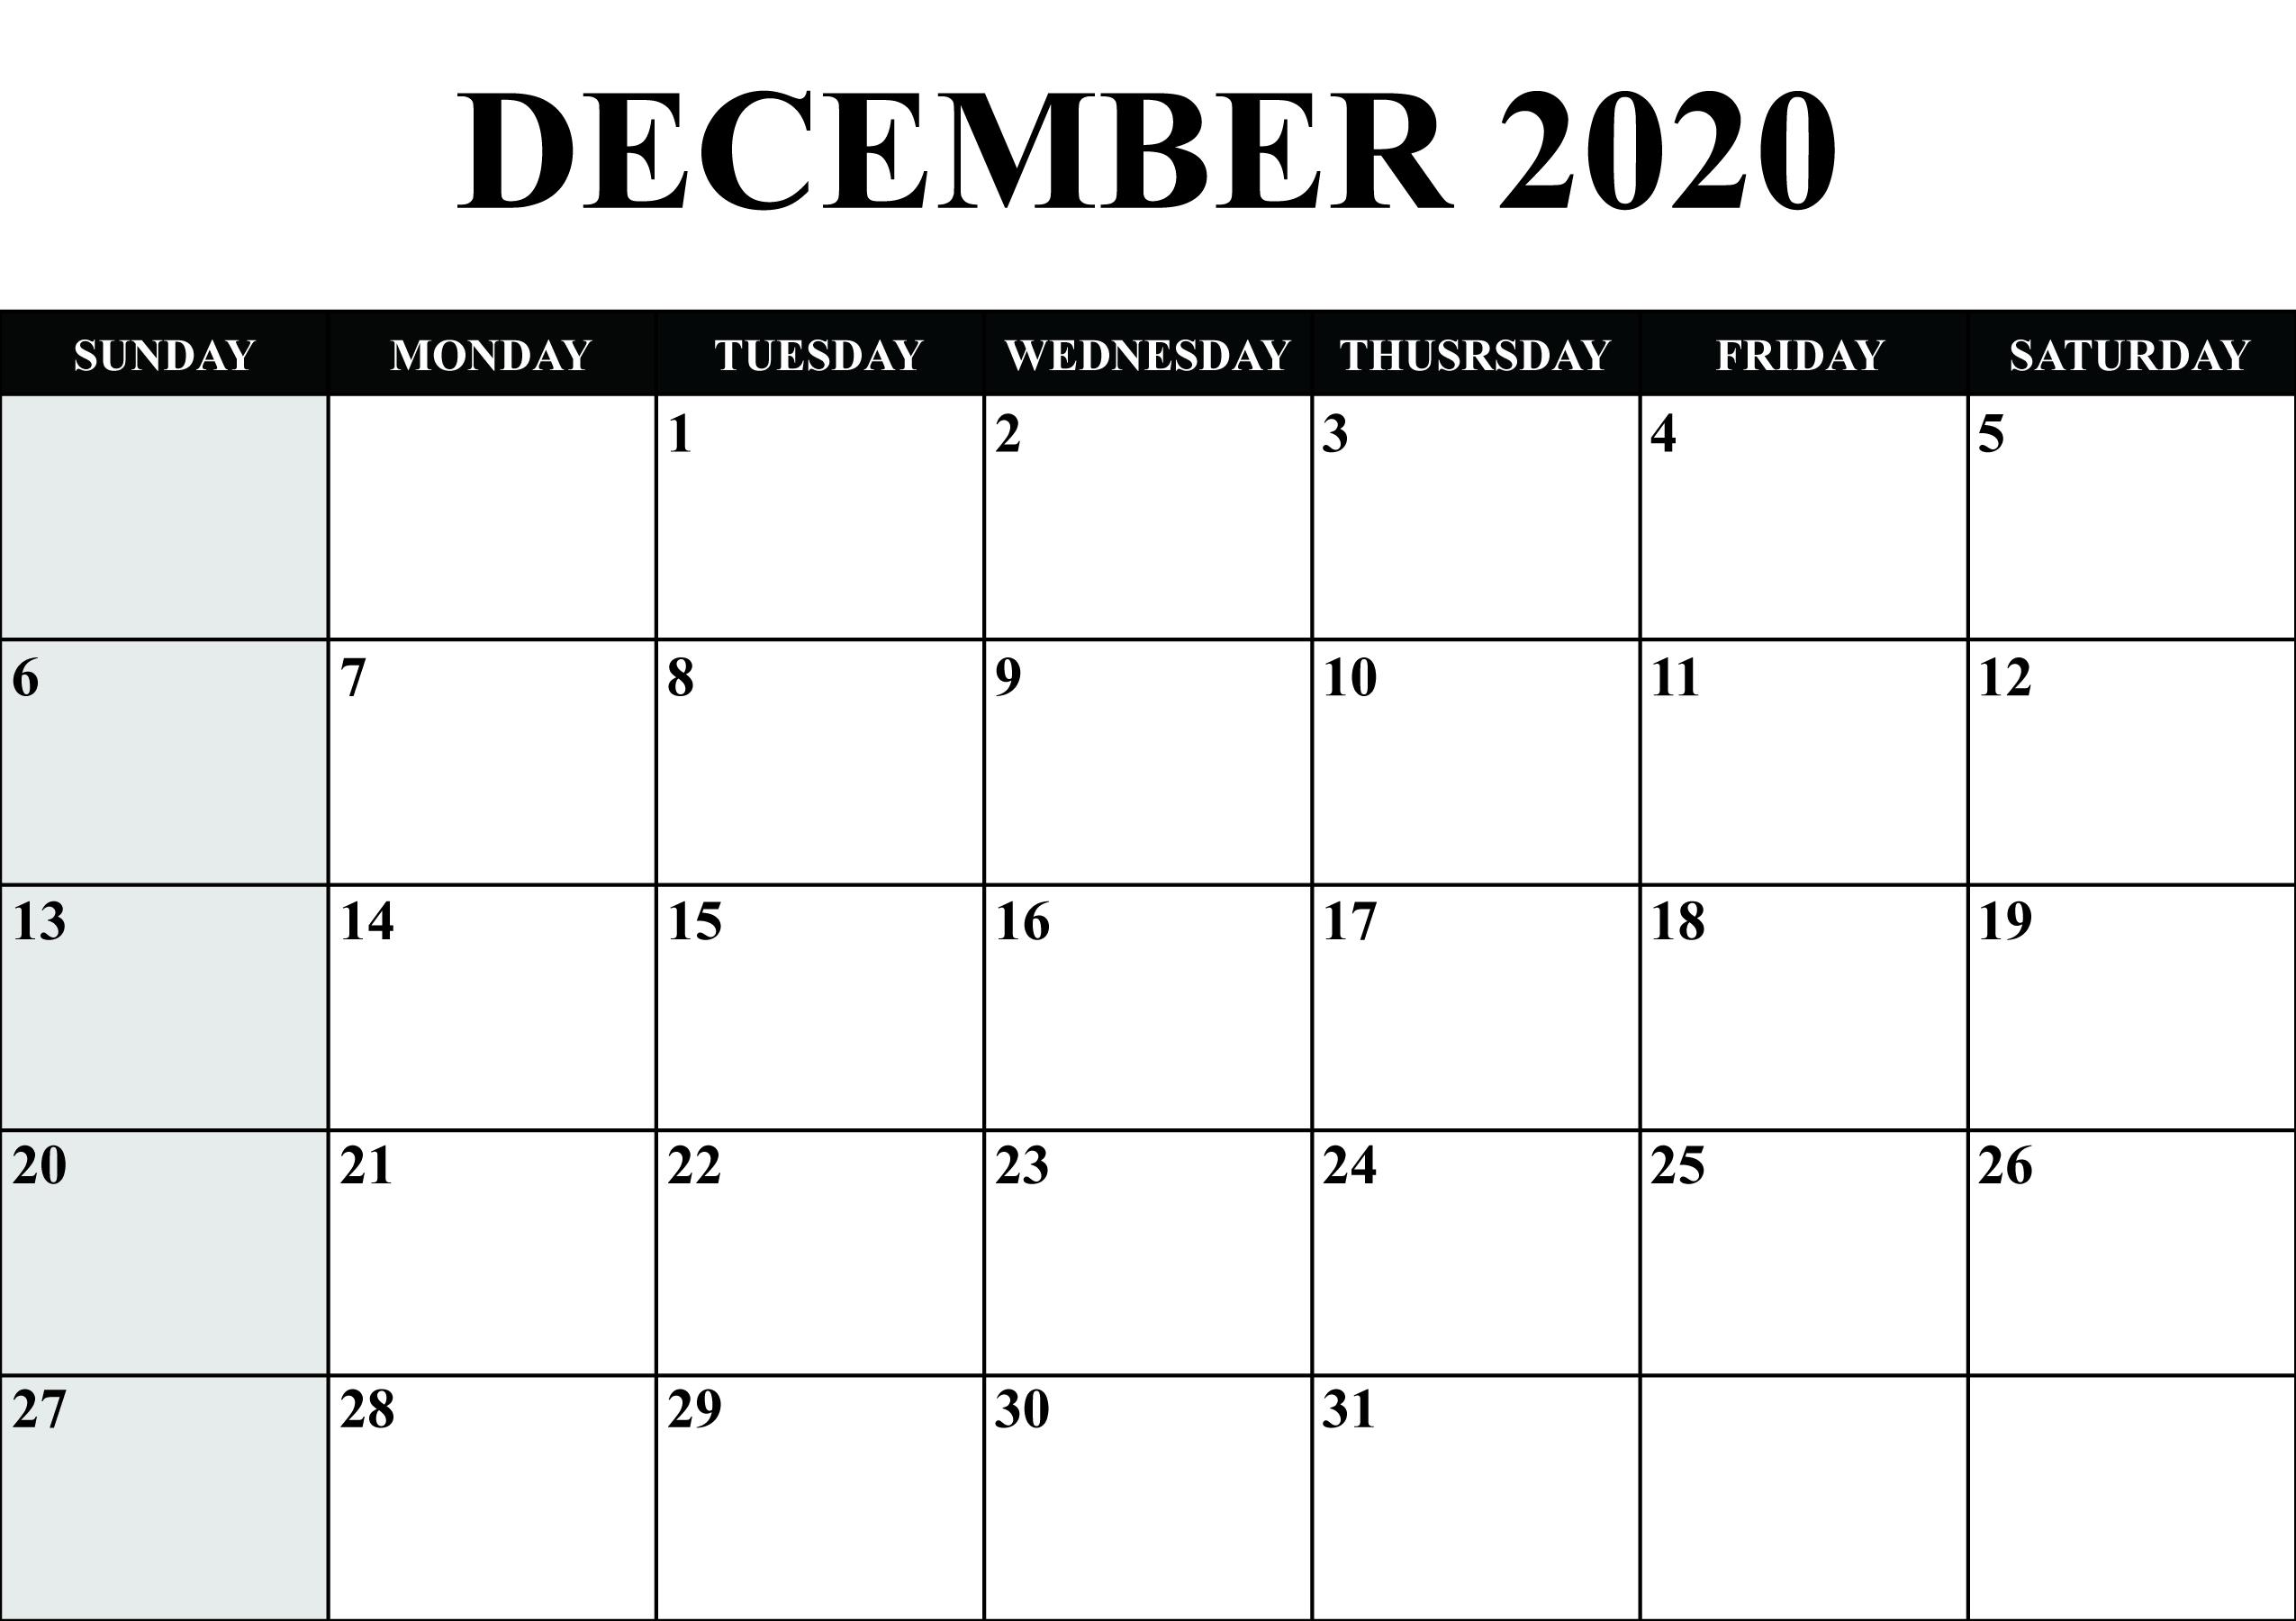 December Calendar 2020 Blank